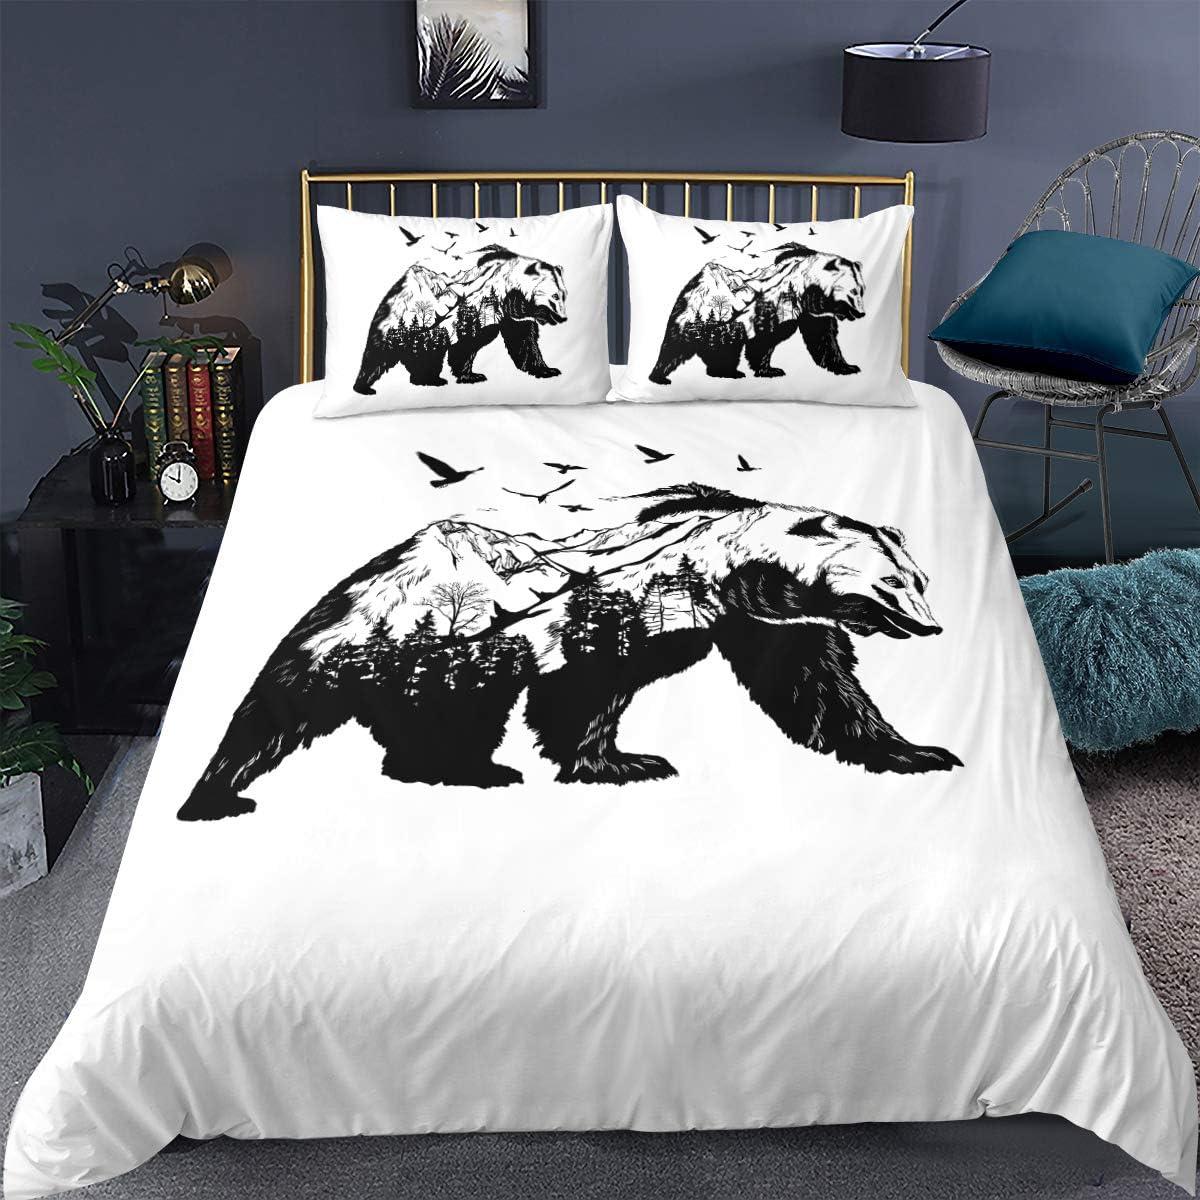 Katie Cat Duvet Cover Black White Bedding Set Quilt Bedspread Duvet Cover Set with 2 Pillow Cases